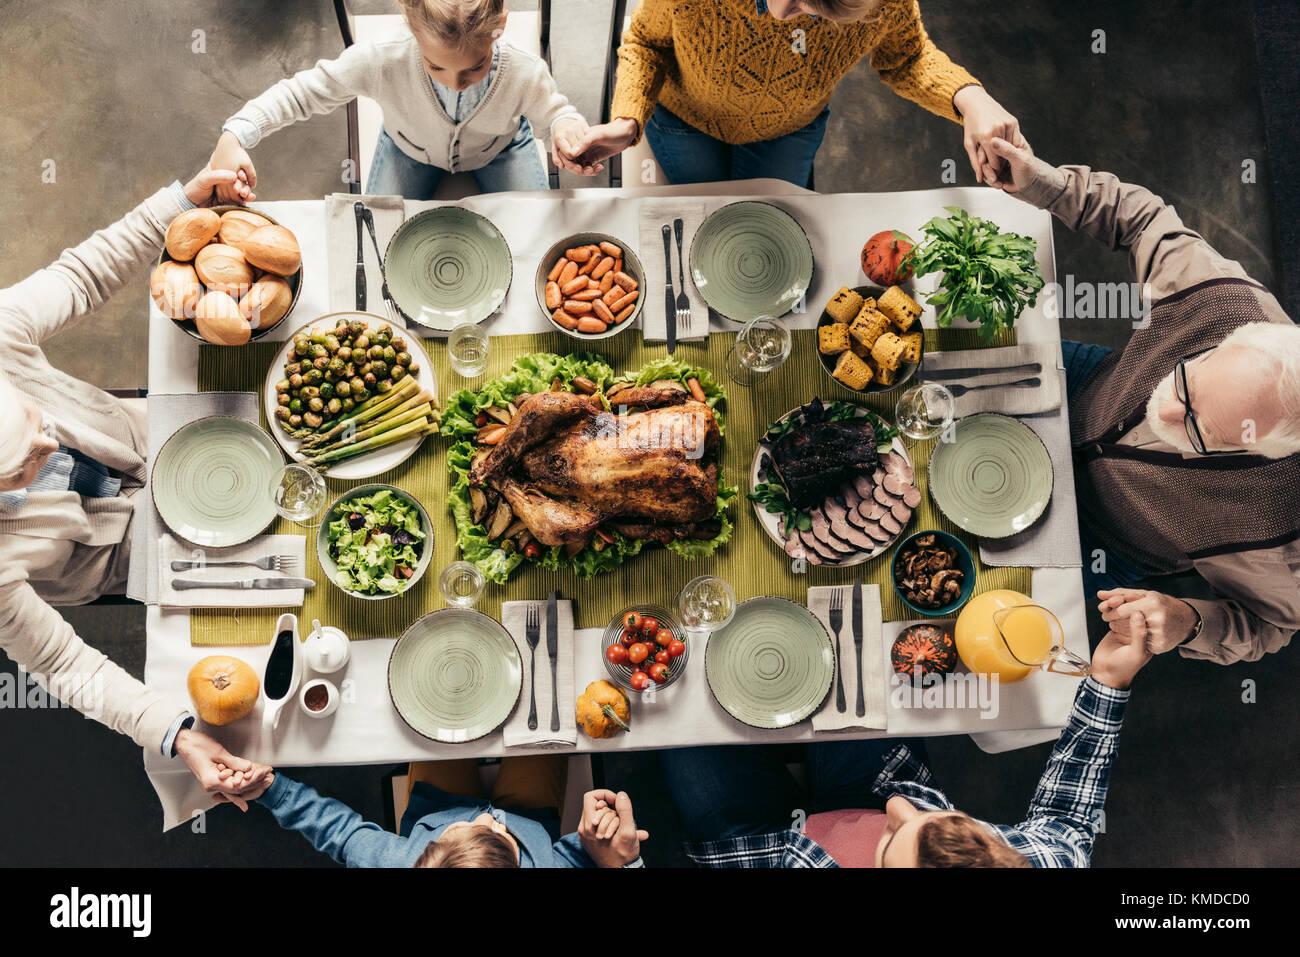 Famiglia pregare prima di cena per le vacanze Immagini Stock